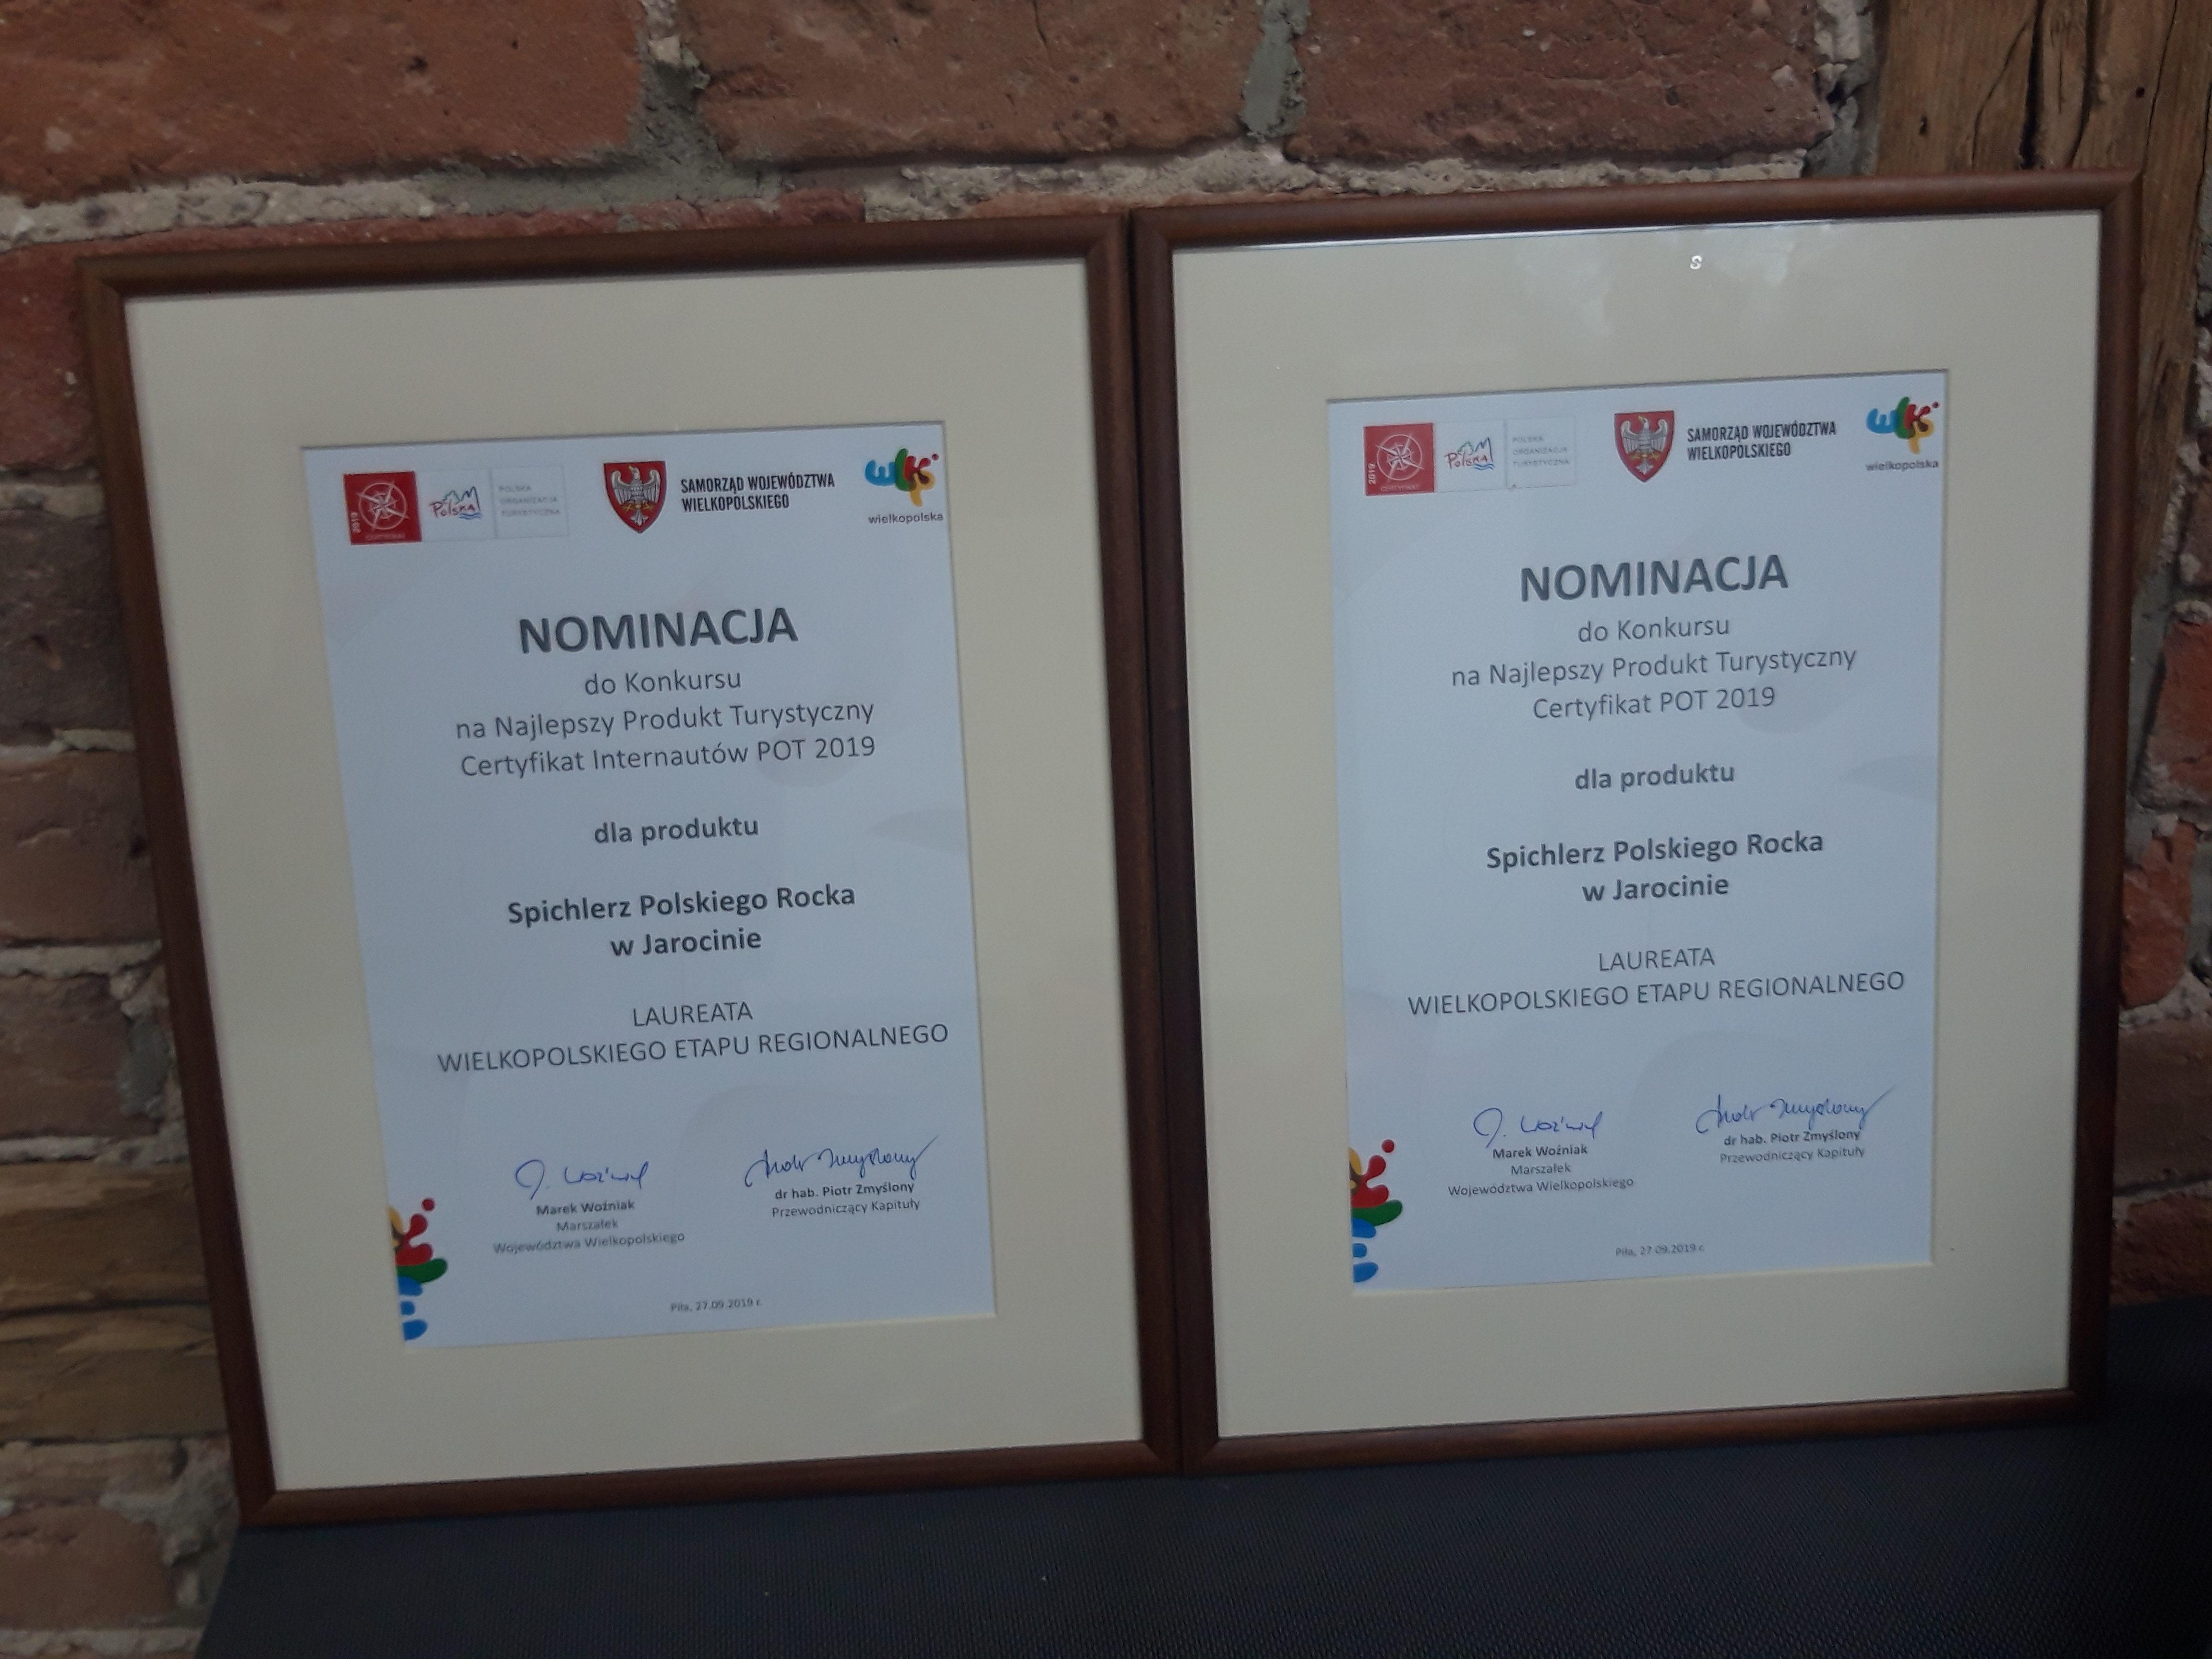 """SPR na rozstrzygnięciu regionalnego etapu konkursu """"Najlepszy Produkt Turystyczny Certyfikat POT 2019 – fotorelacja :)"""